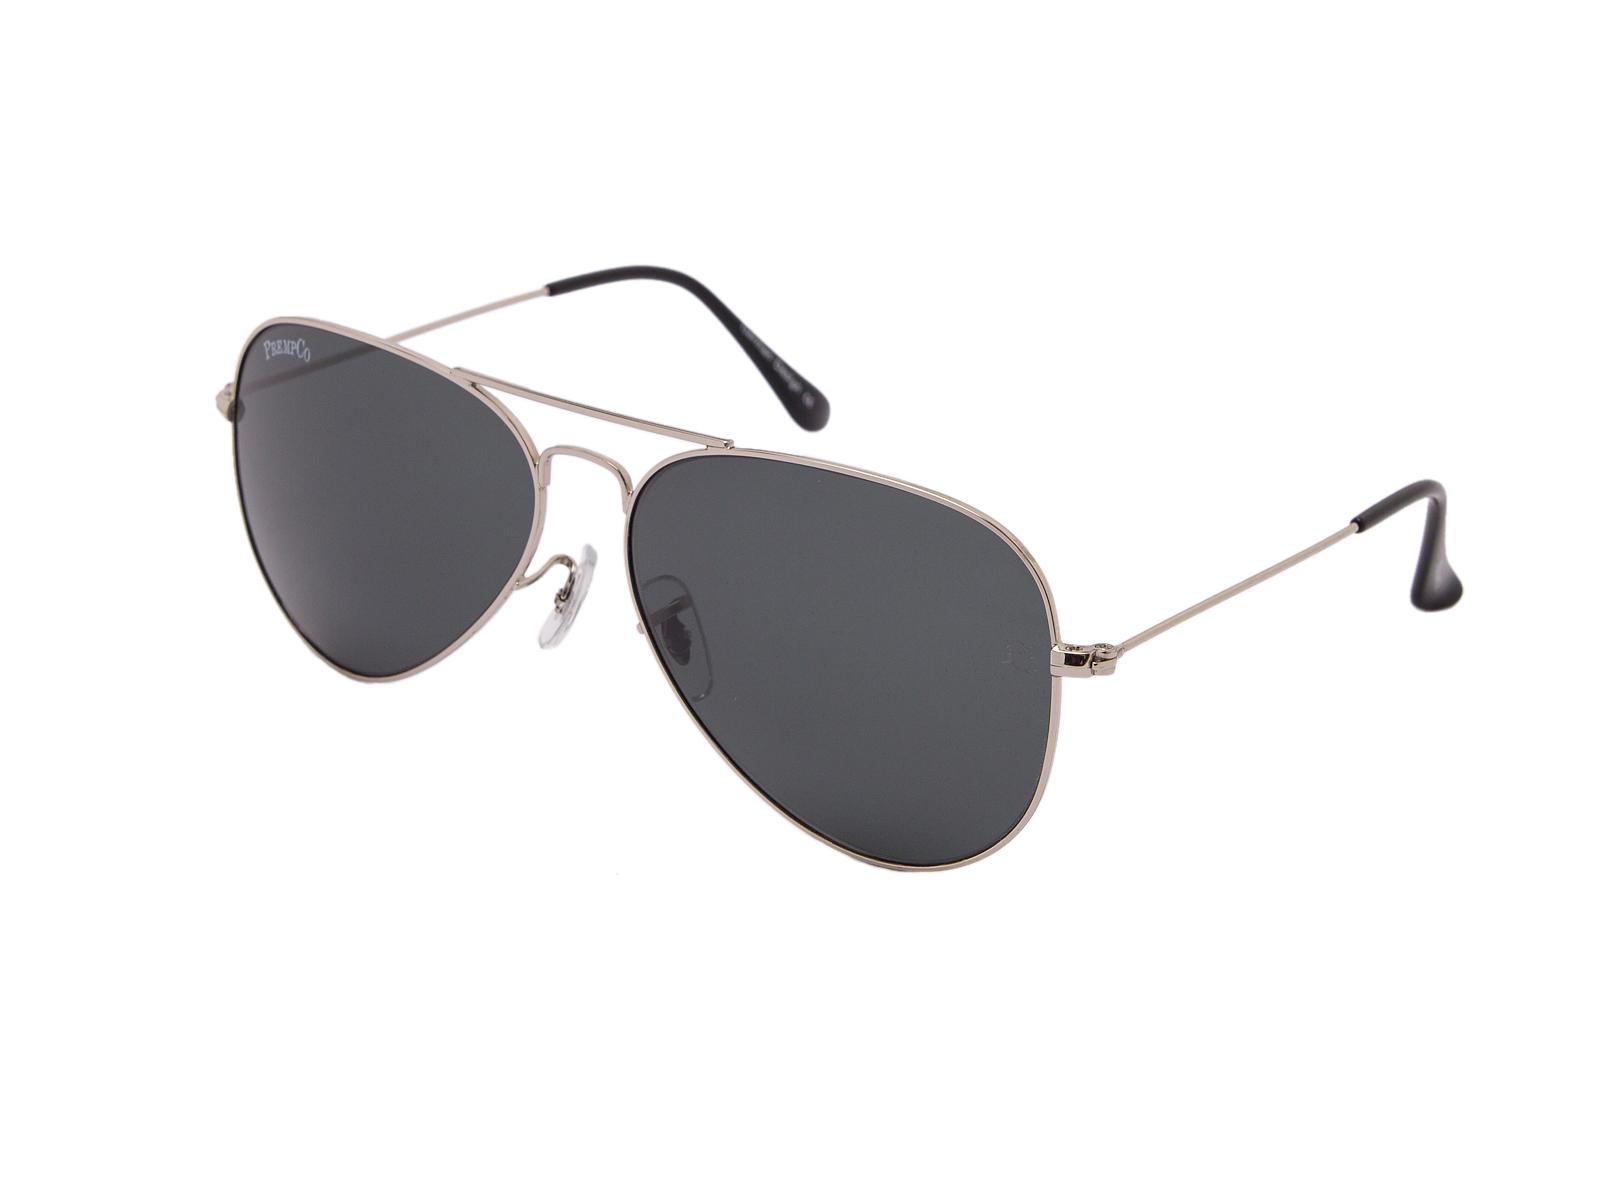 prempco aviator Damen sonnenbrille silber mirror silber gestell (13)